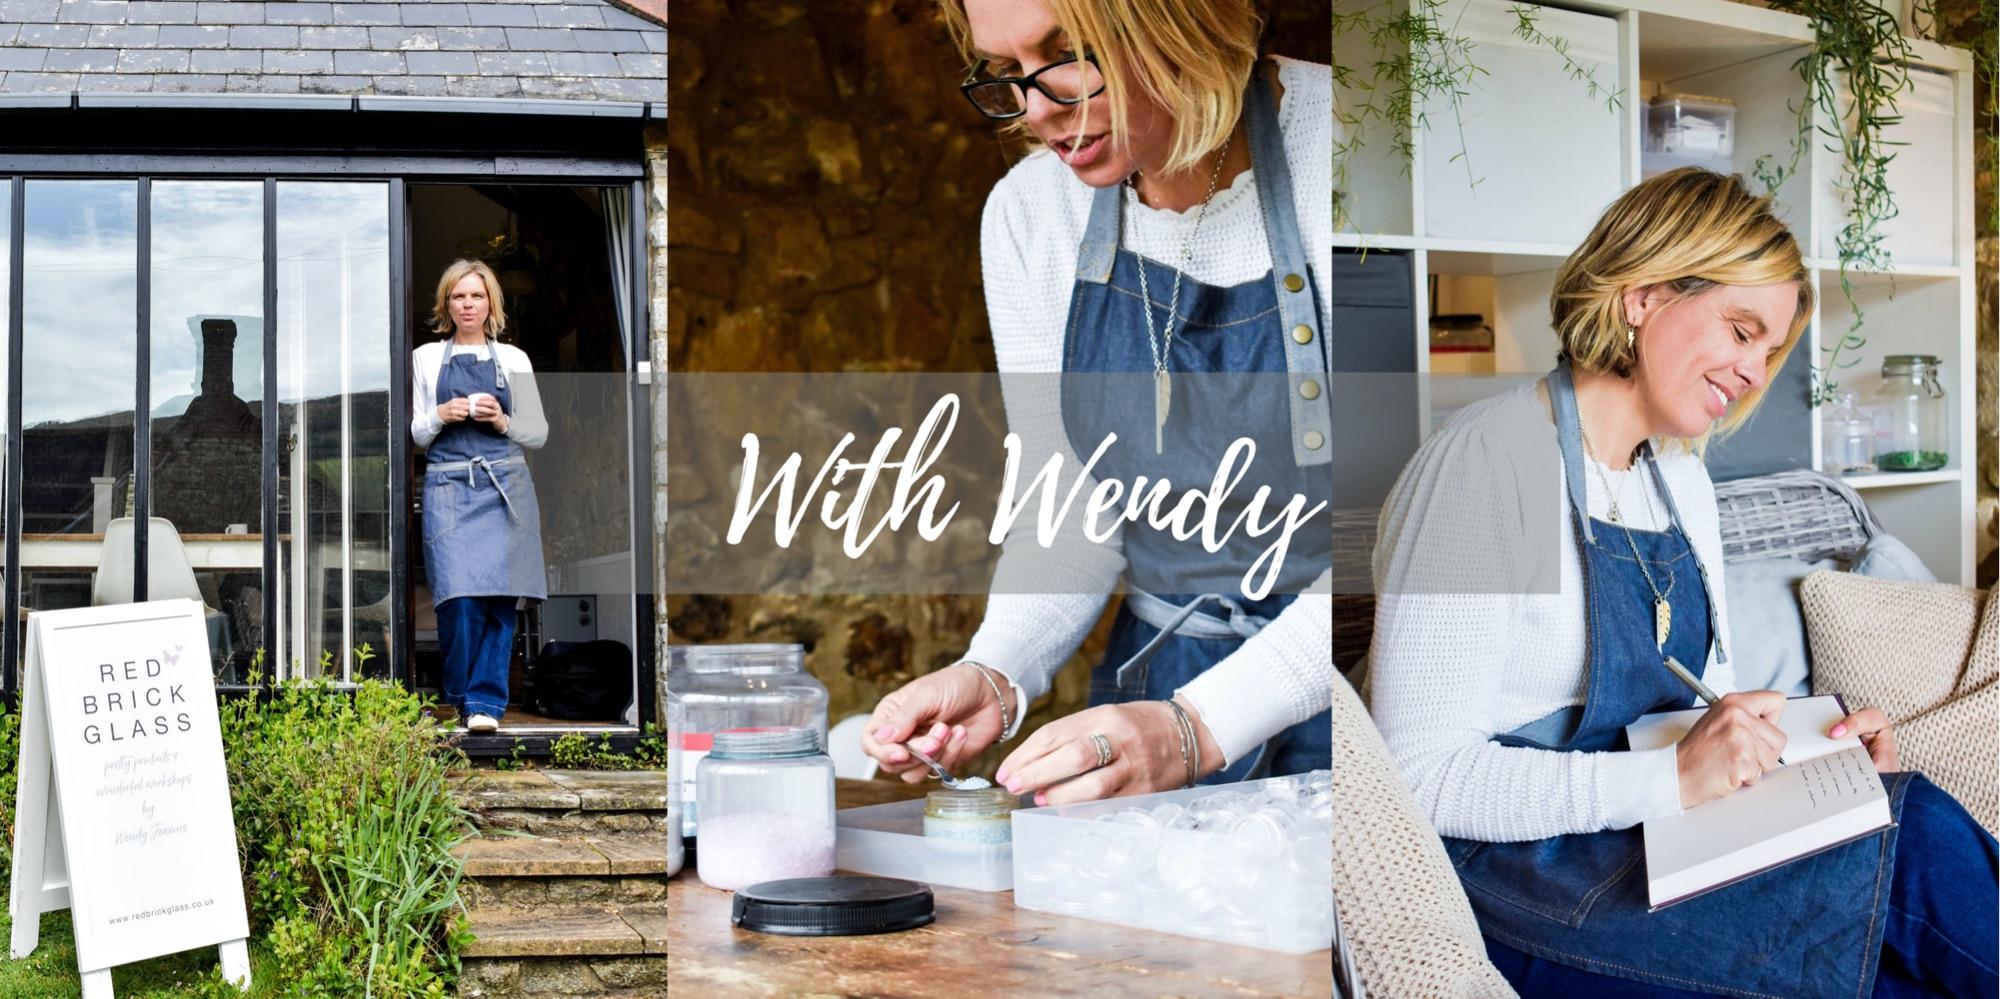 wendy workshops.jpg